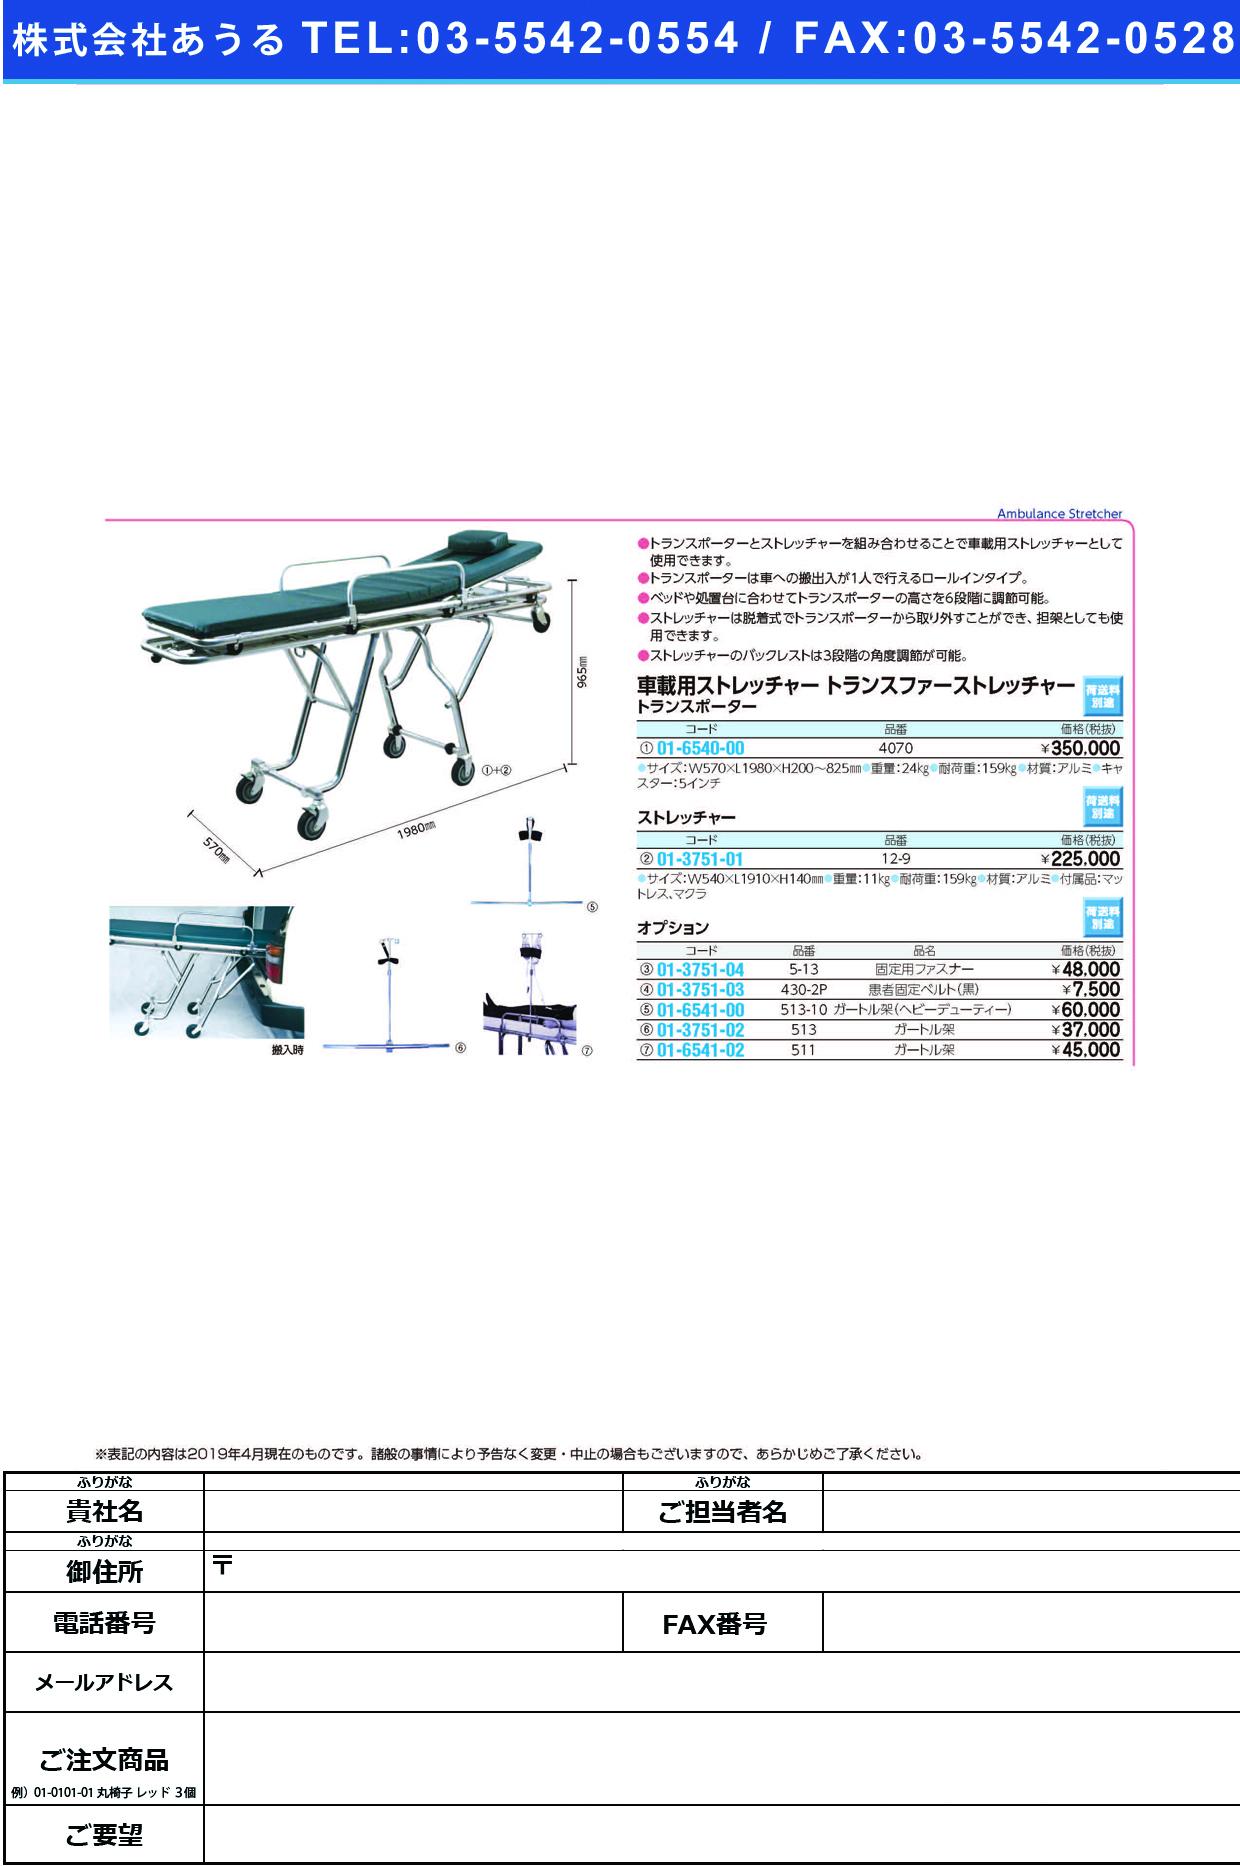 (01-6540-00)トランスポーター 4070 トランスポーター【1台単位】【2019年カタログ商品】